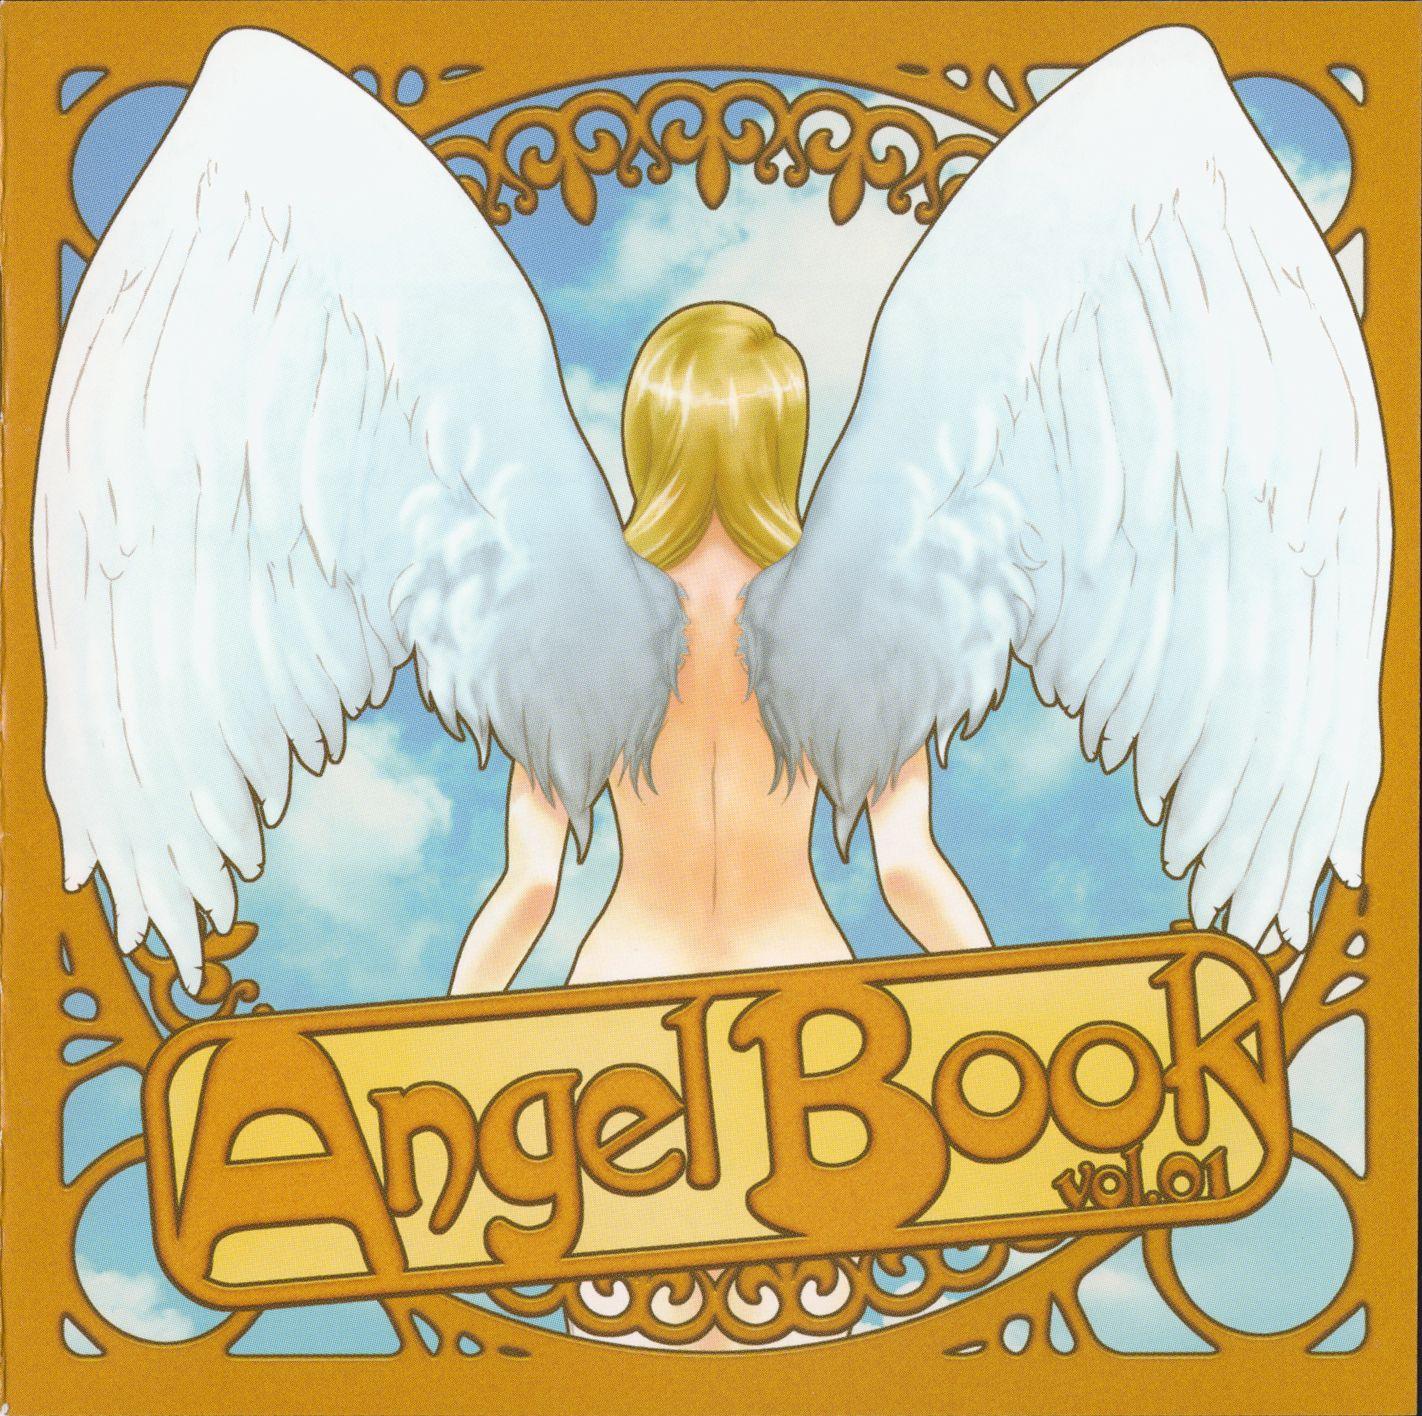 http://3.bp.blogspot.com/--1yhu3mPL-M/Tasi226ql4I/AAAAAAAAAC8/ftHPZ4eRbTw/s1600/Cover.jpg